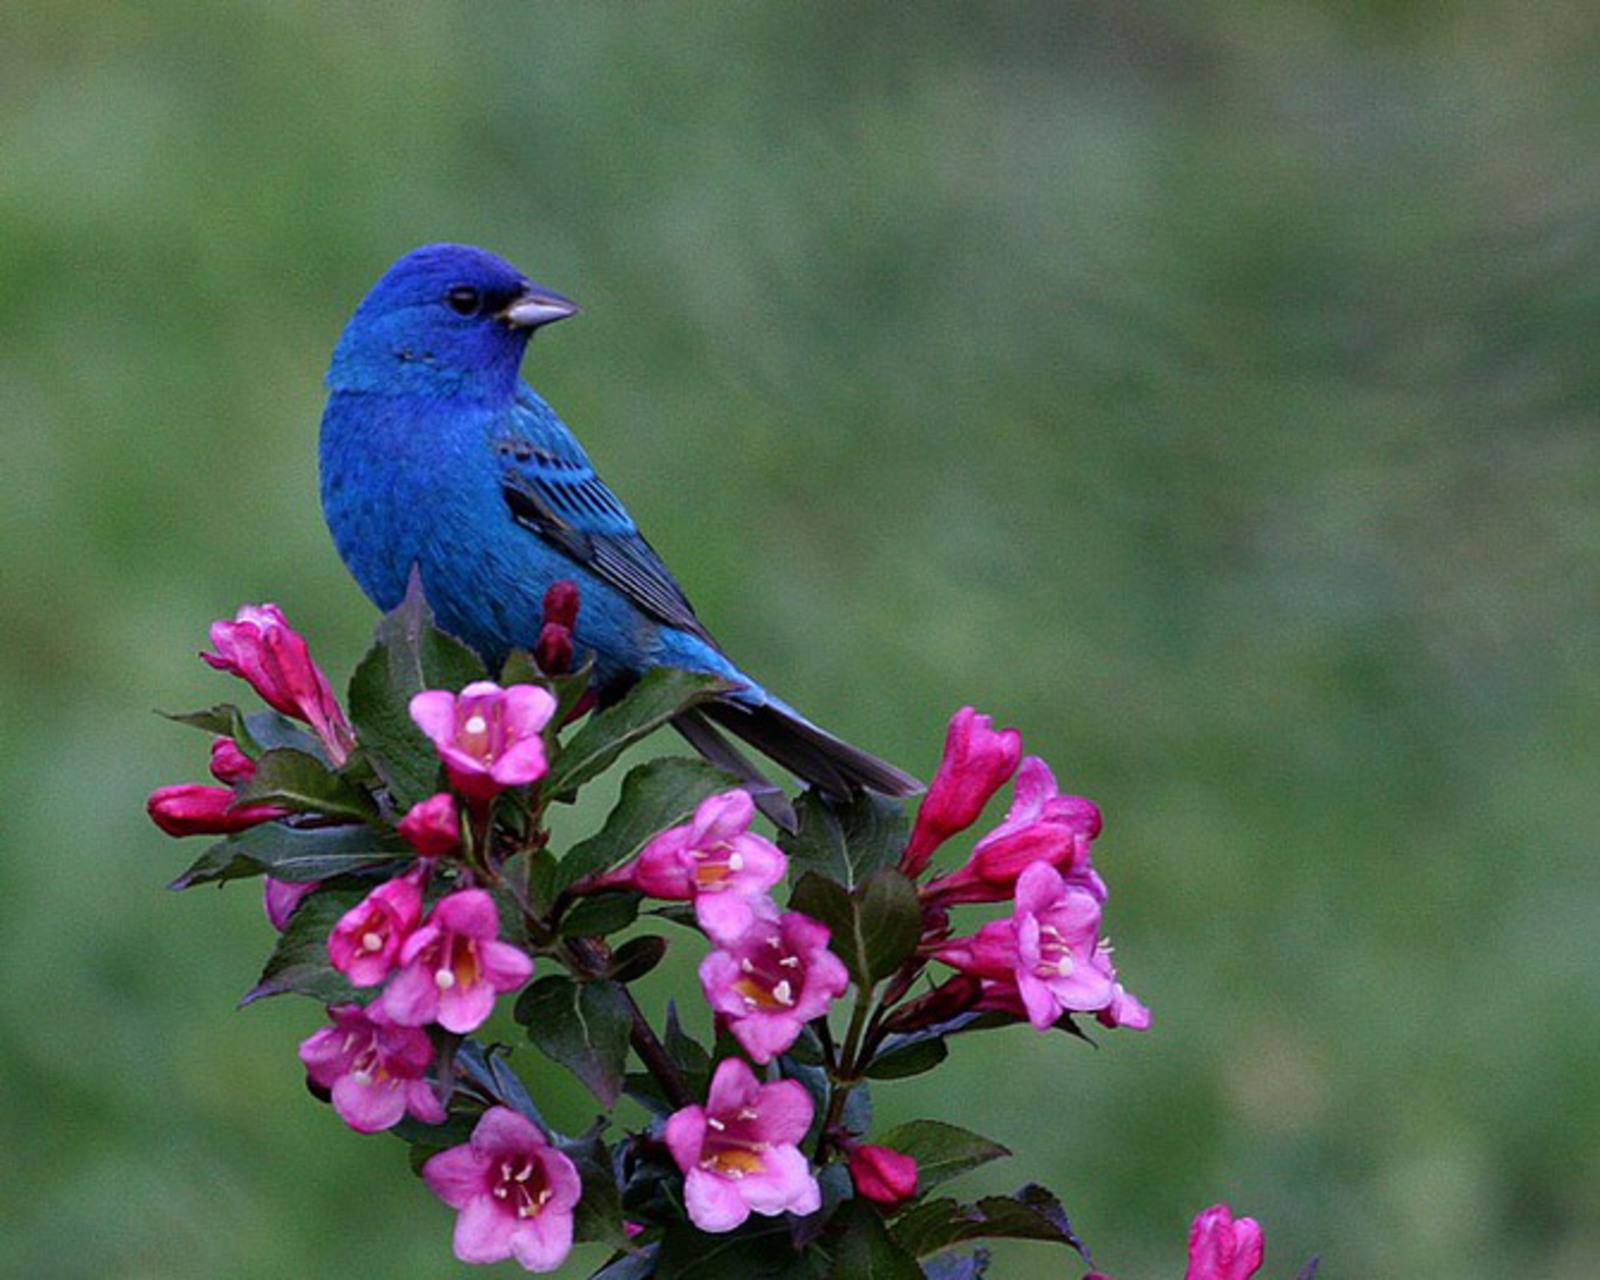 Blue Bird and pink Flowers wallpaper   ForWallpapercom 1600x1280